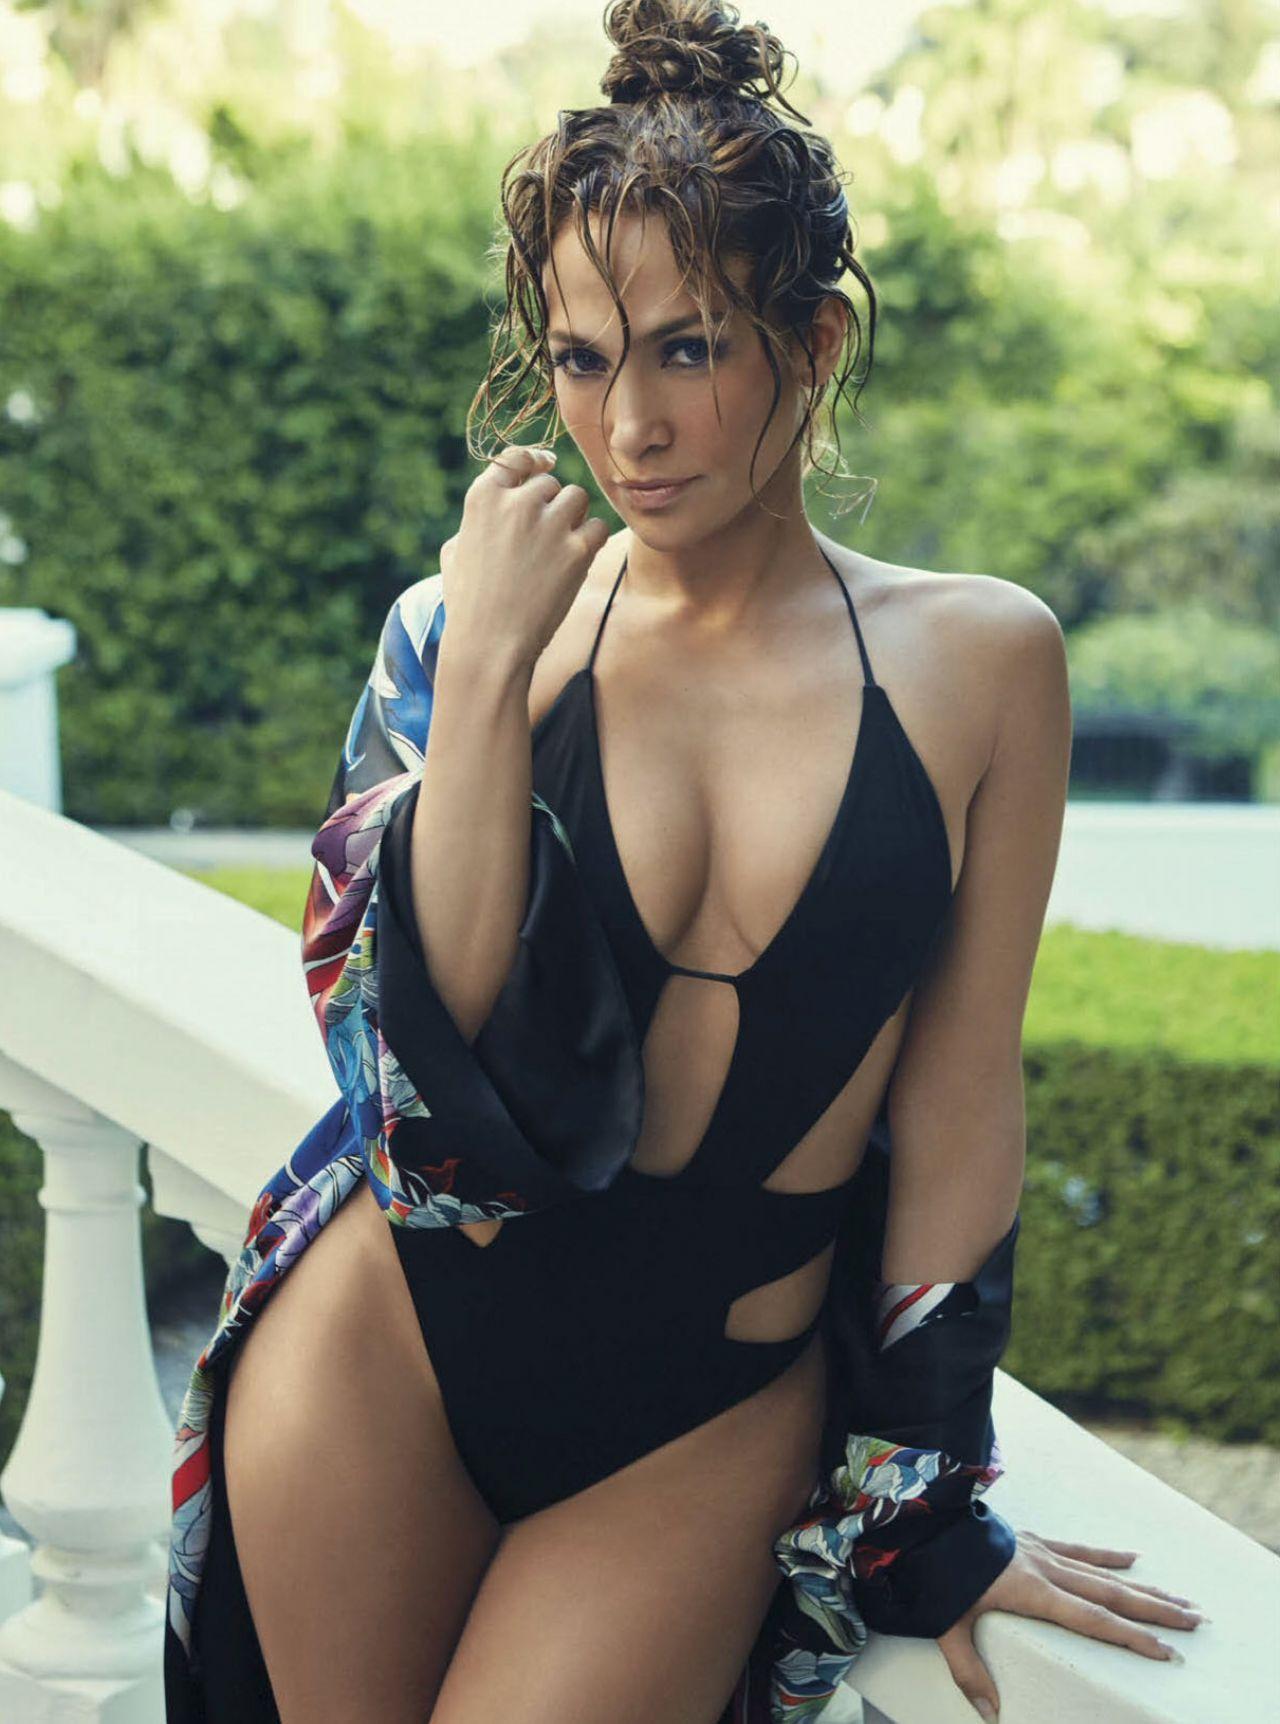 Bikini Jennifer Lopez nude photos 2019